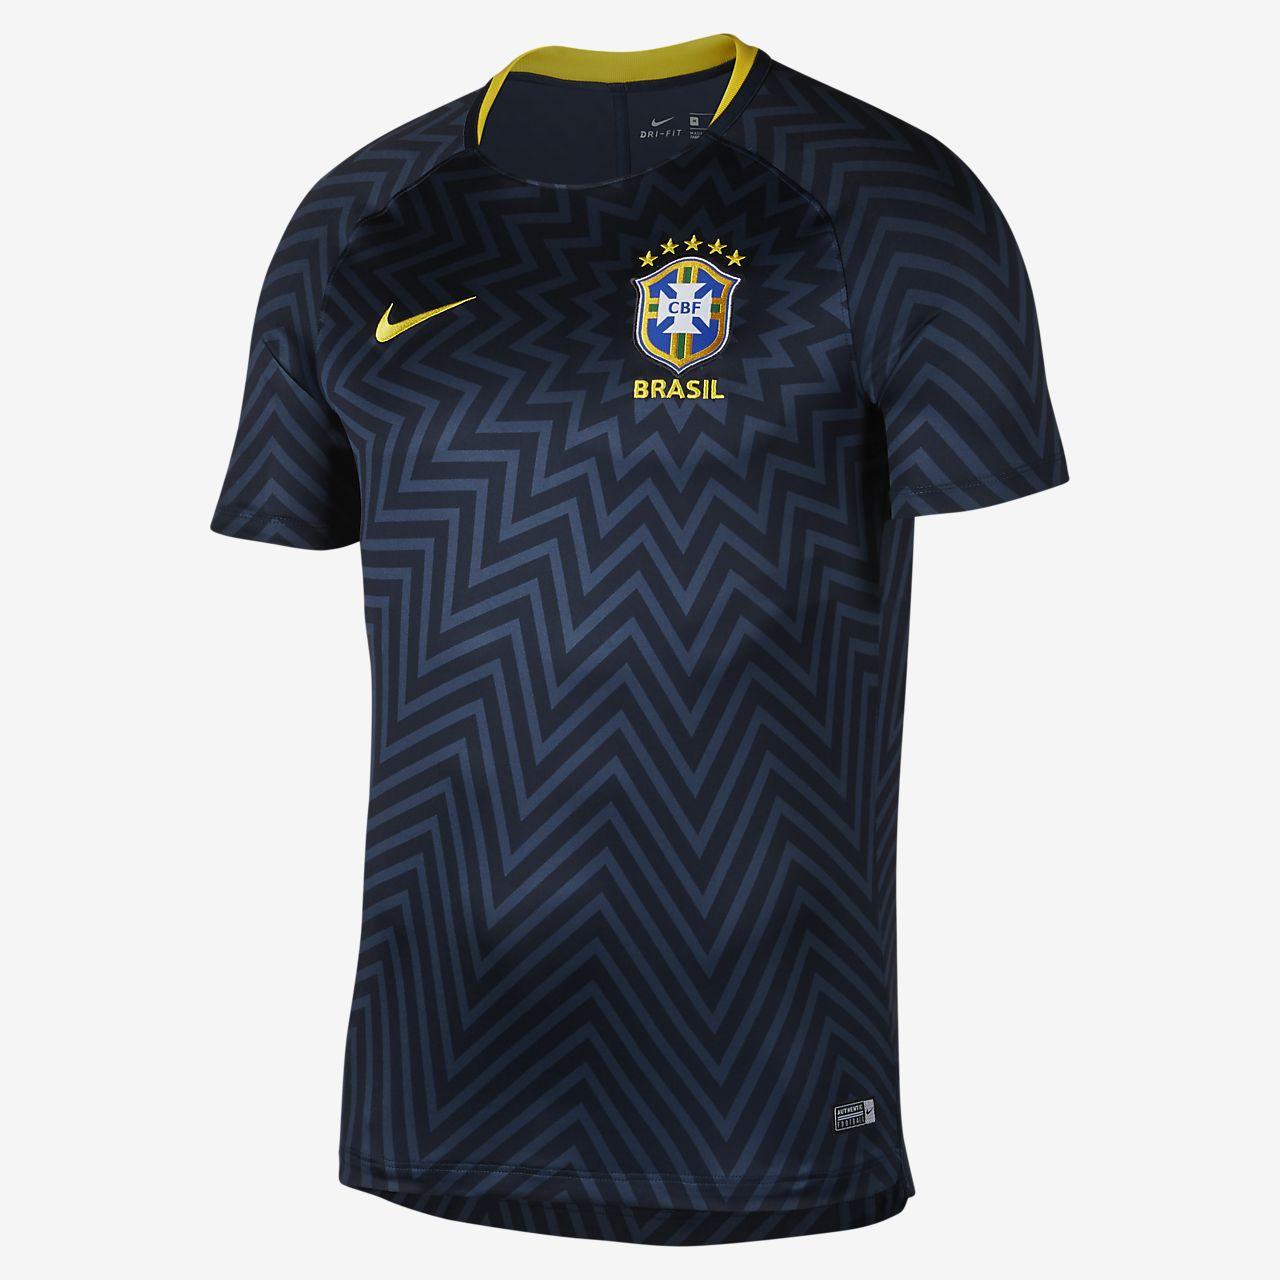 Brasil CBF Dri-FIT Squad Camiseta de fútbol - Hombre. Nike.com ES b081043c67895